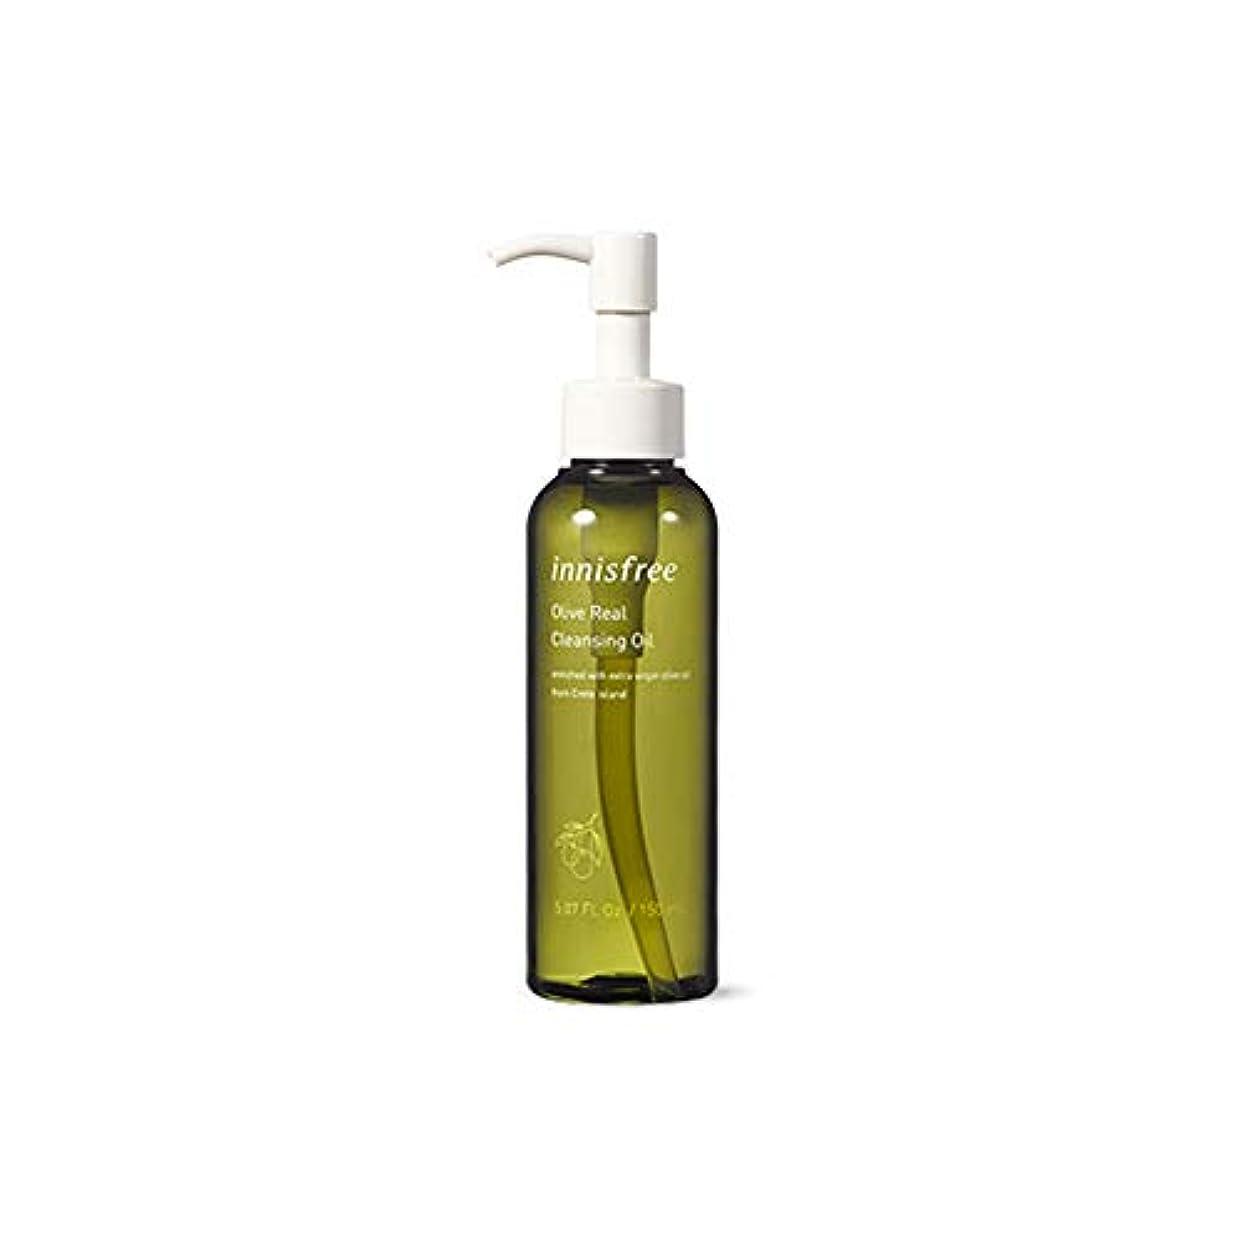 謎生き物お願いしますイニスフリー Innisfreeオリーブ リアル クレンジング オイル(150ml) Innisfree Olive Real Cleansing Oil(150ml) [海外直送品]